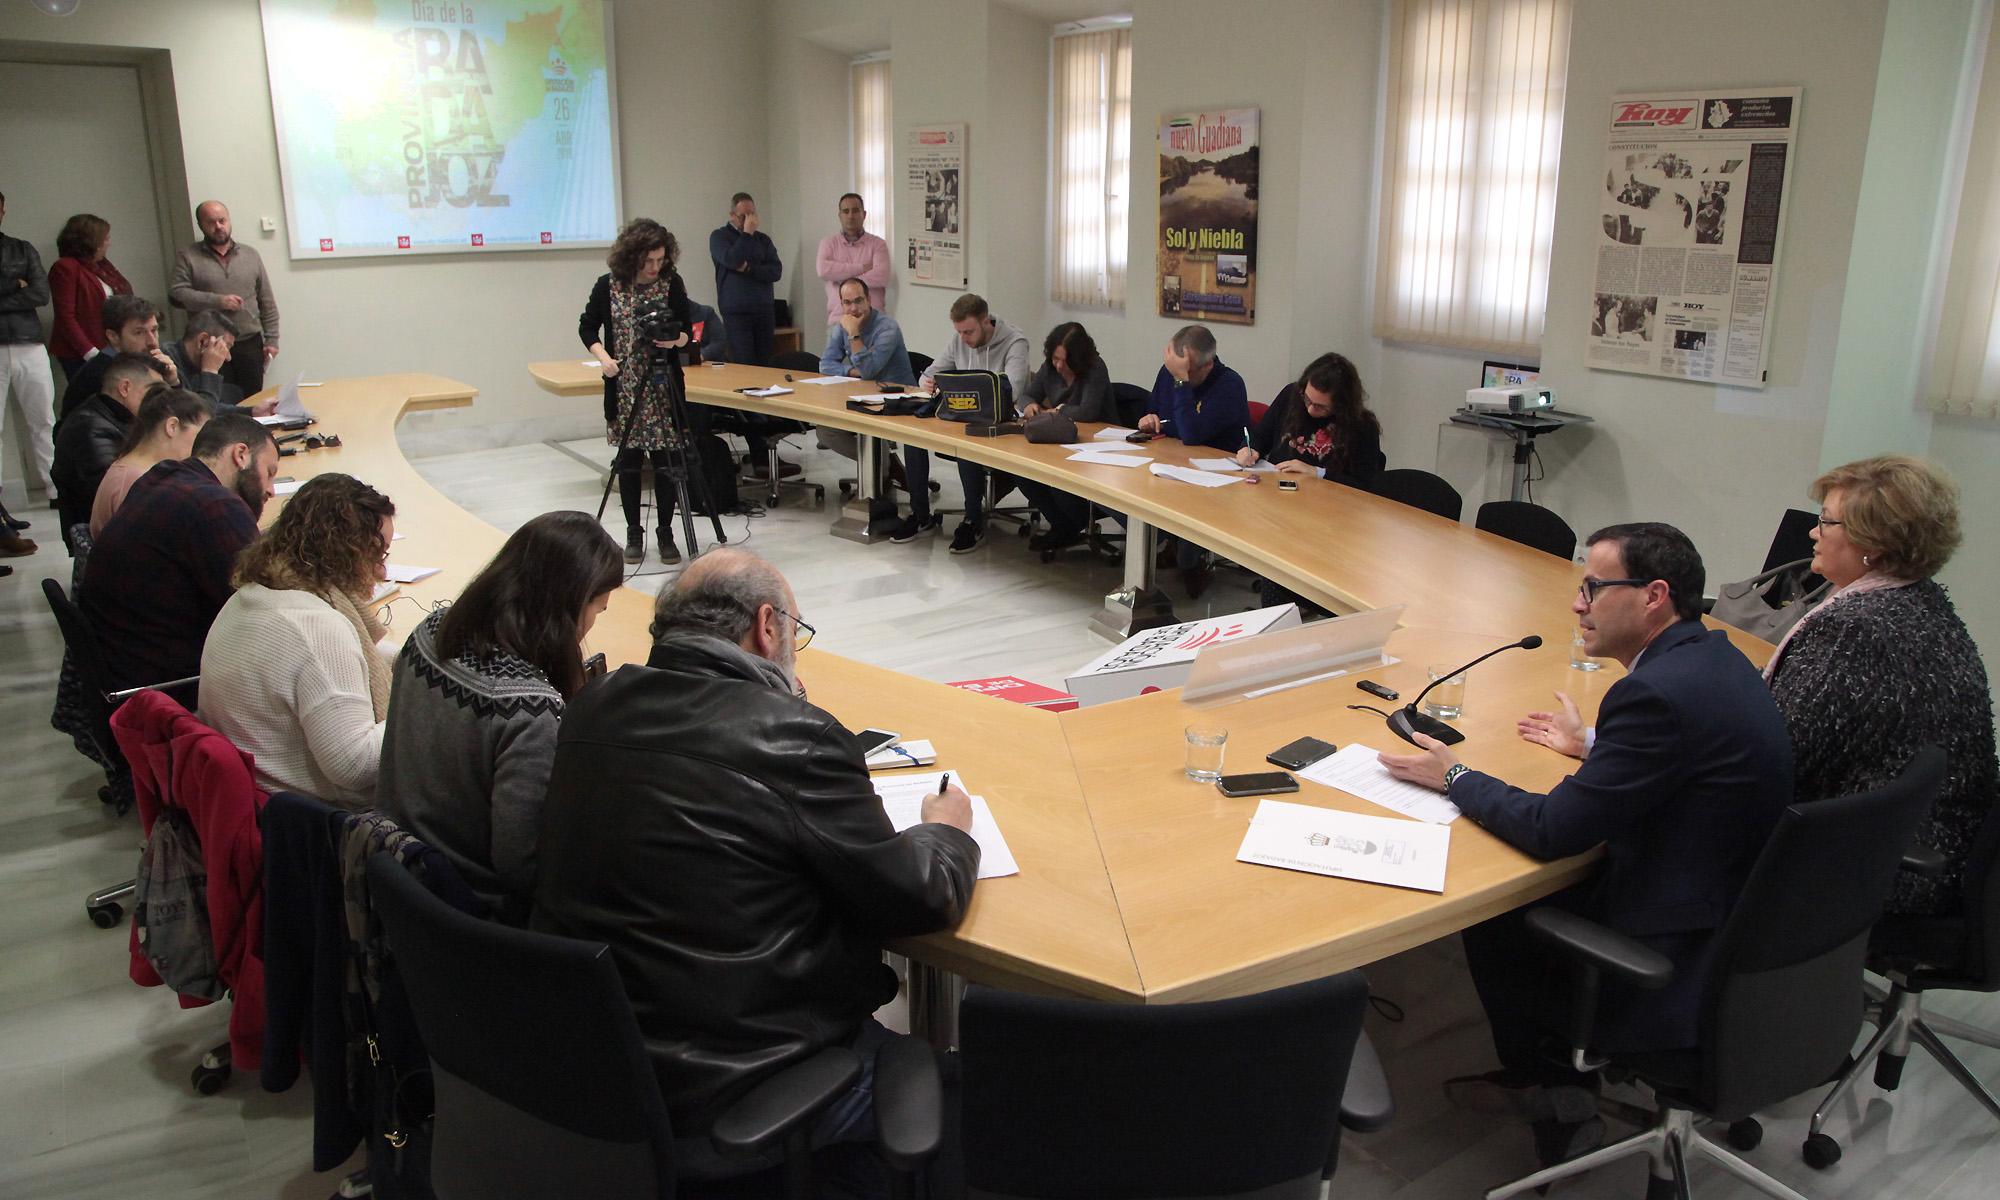 Rodríguez Ibarra, Inocencia Cabezas y Atanasio Naranjo, Medallas de Oro del I Día de la Provincia